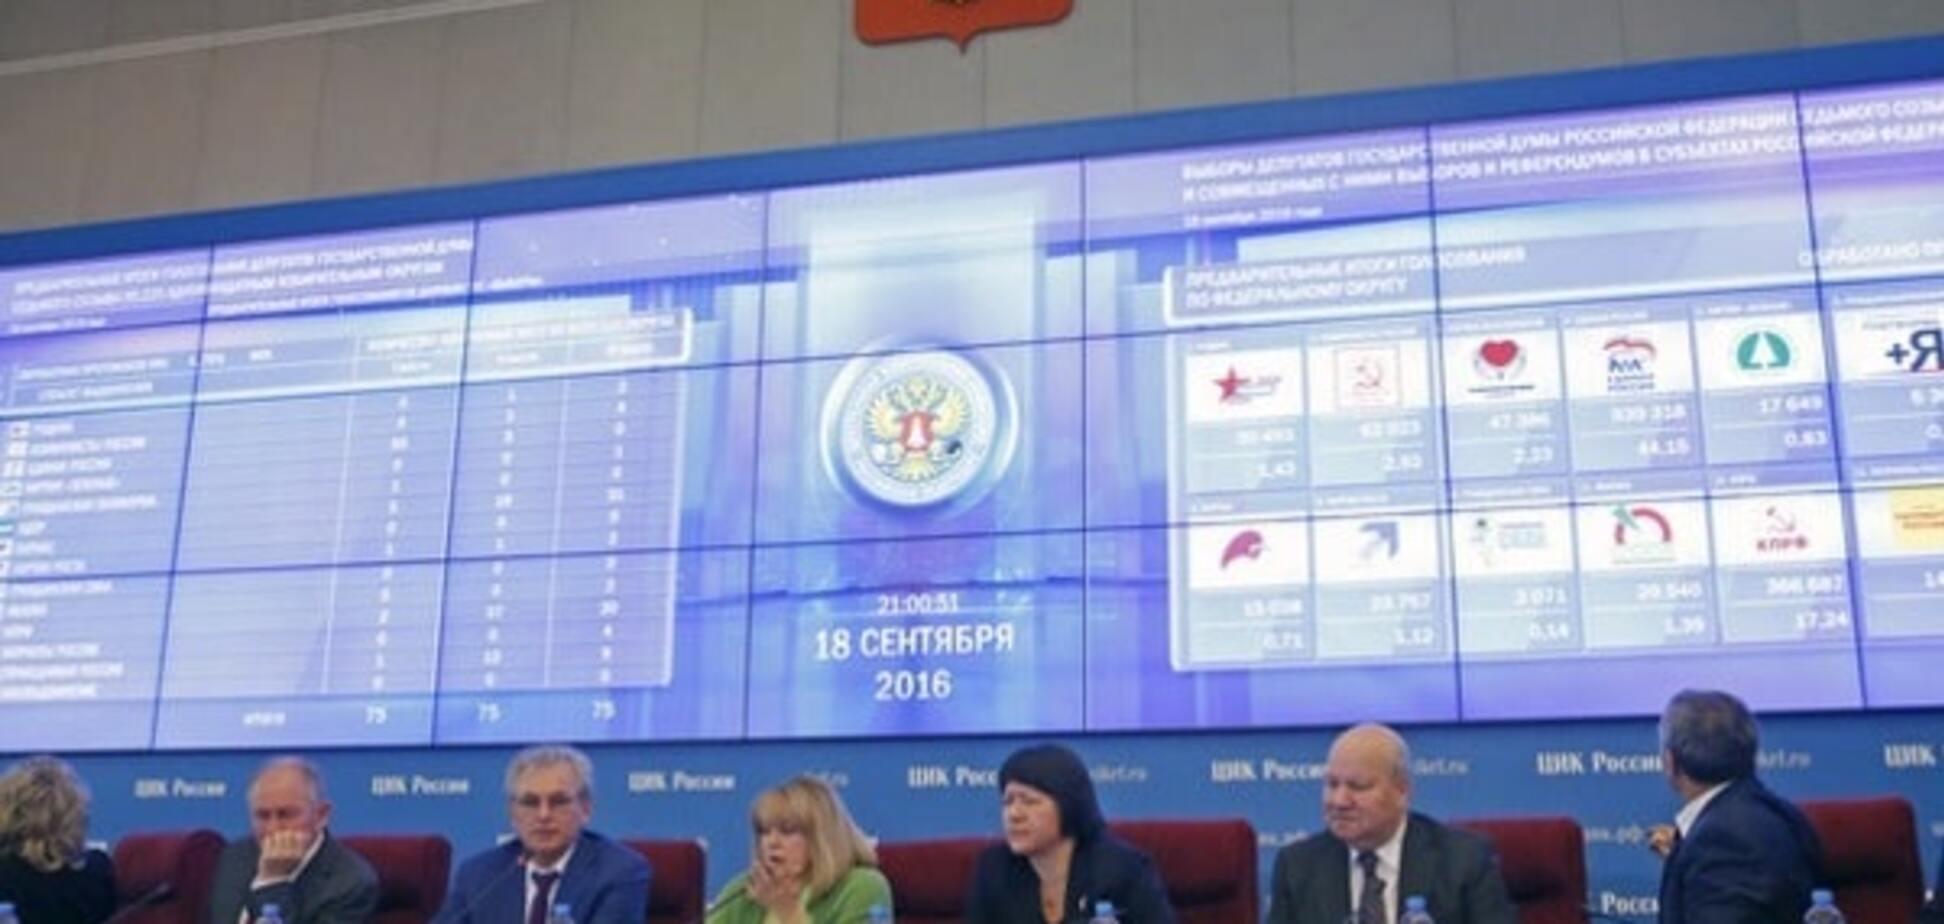 Вони думали, всі будуть аплодувати: Панфілов заявив про 'нехорошу ситуацію' Кремля